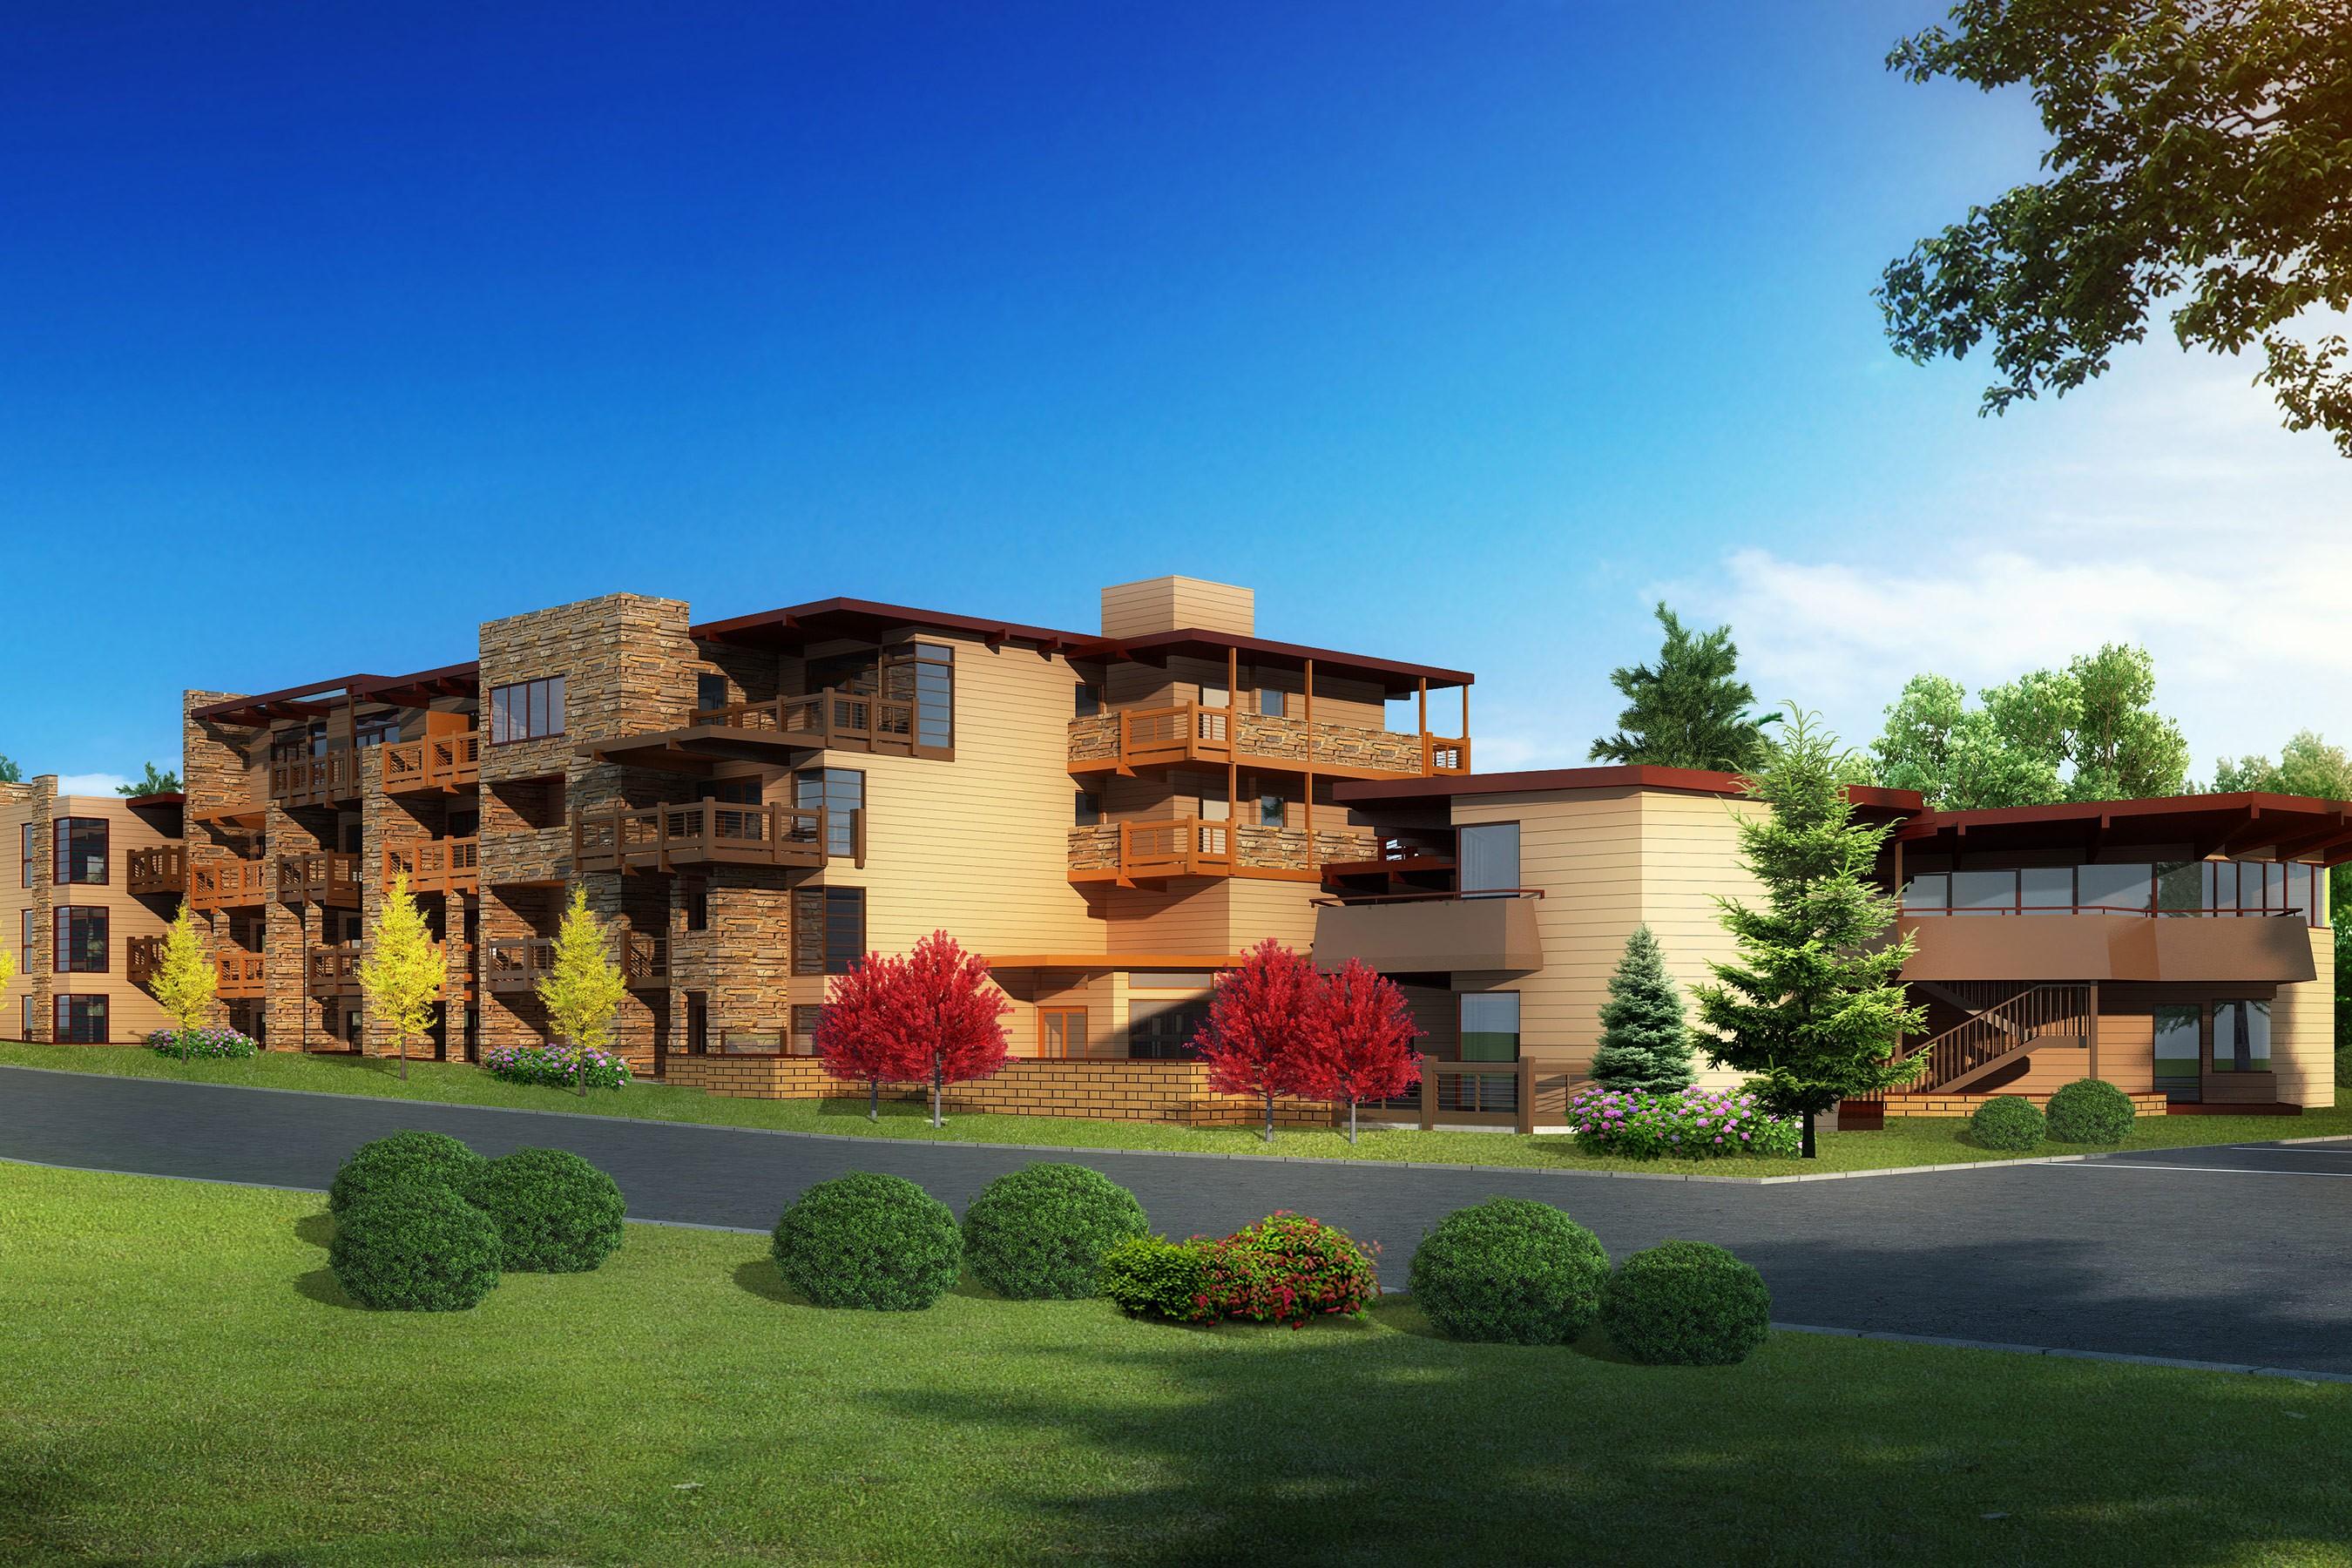 Кооперативная квартира для того Продажа на Boomerang Lodge 500 W. Hopkins Avenue Unit 206 & 207 Aspen, Колорадо, 81611 Соединенные Штаты